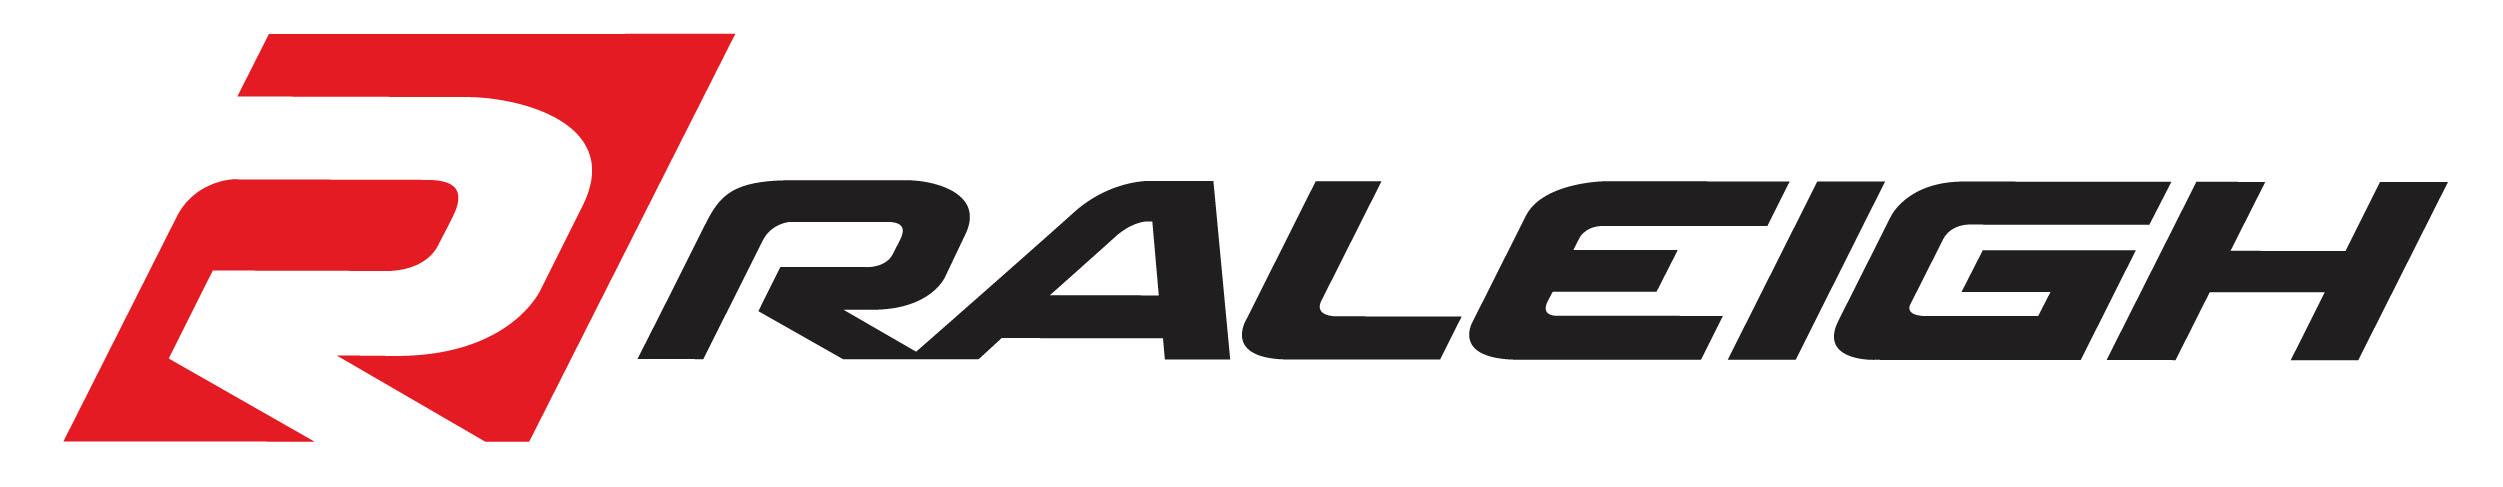 RALEIGH_Full-Logo